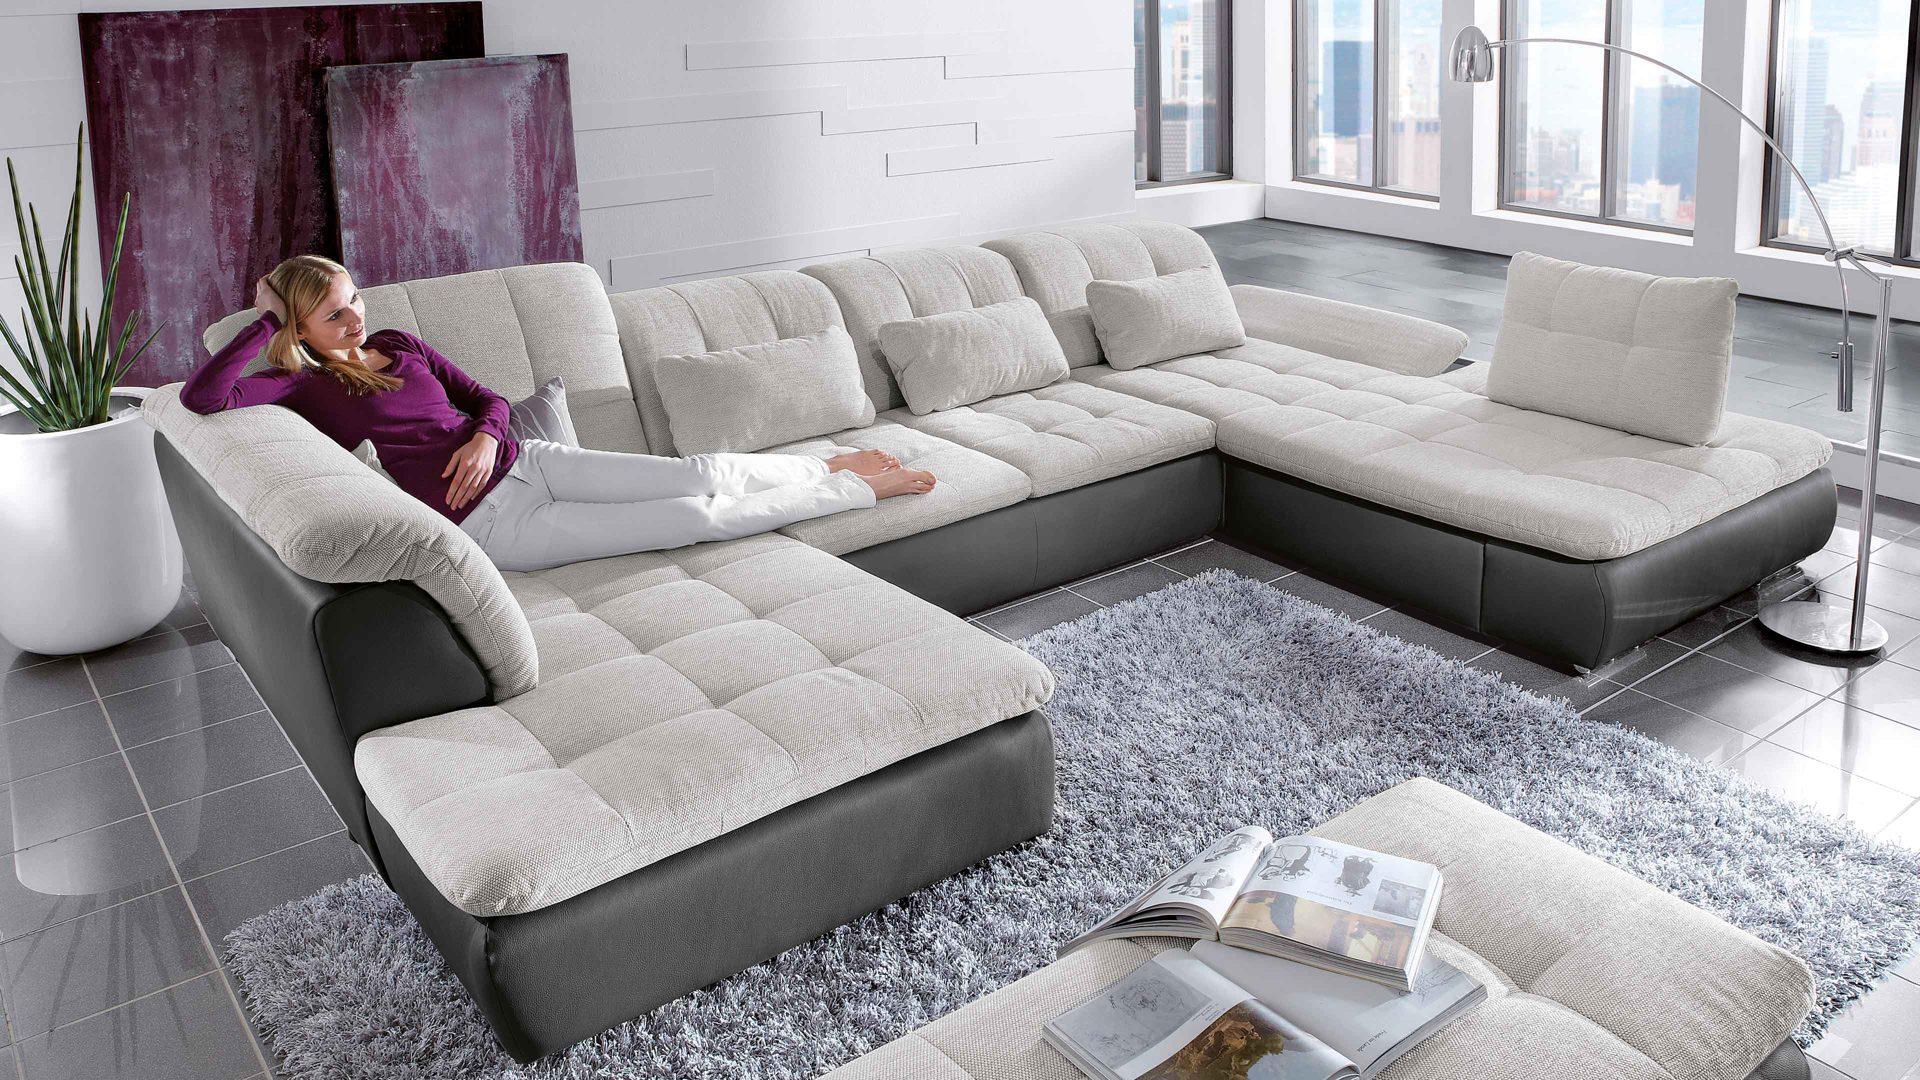 Eckcouch modern stoff  Möbel Bernskötter Mülheim | Suchergebnis für Sofa | Megasofa ...